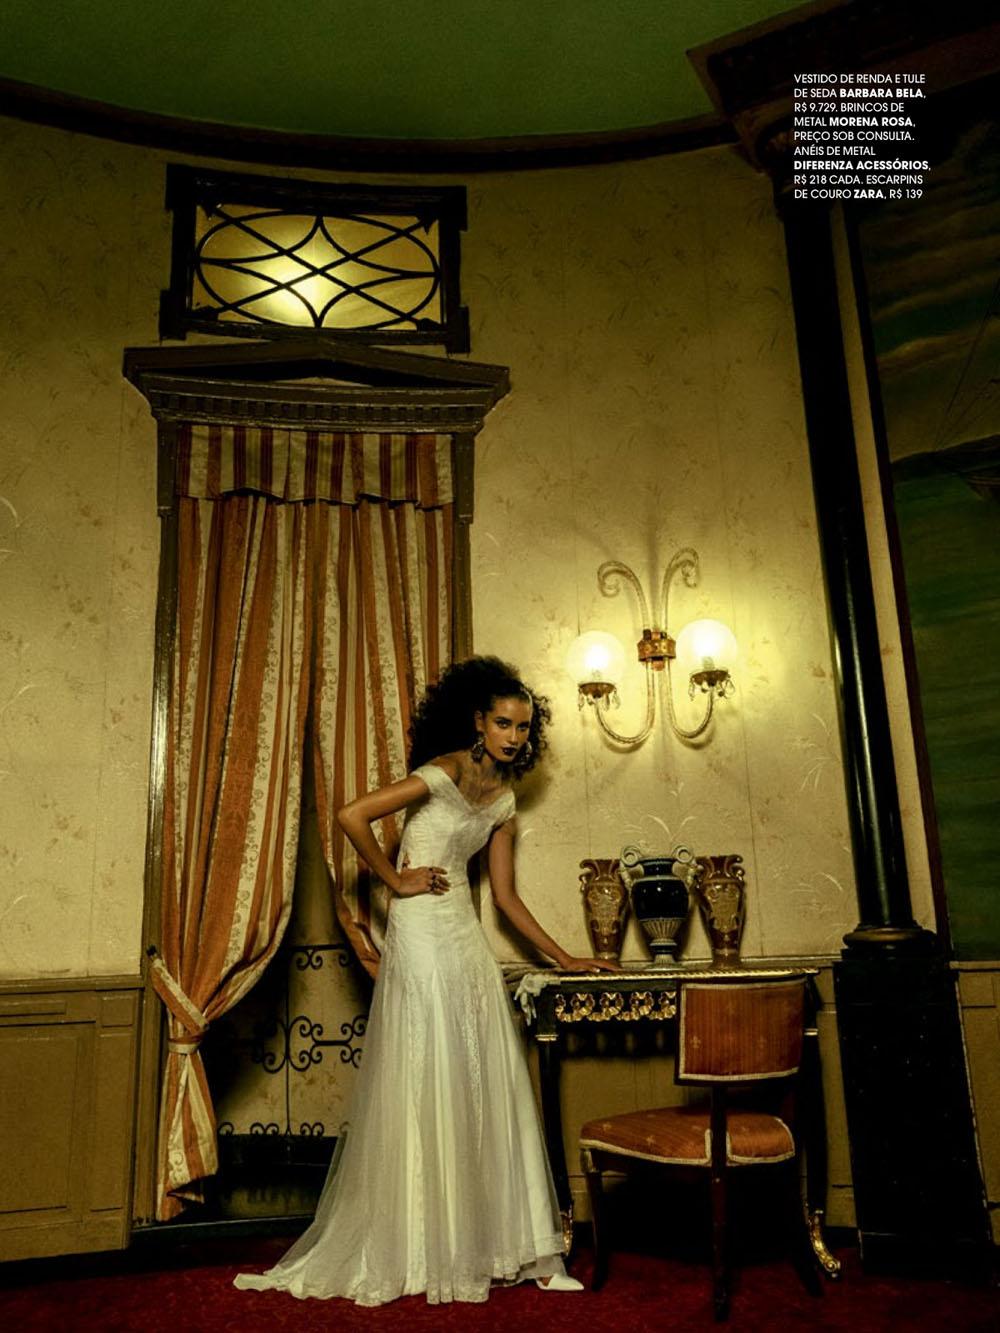 marcelia-freesz-fernando-louza-marie-claire-brazil011.jpg